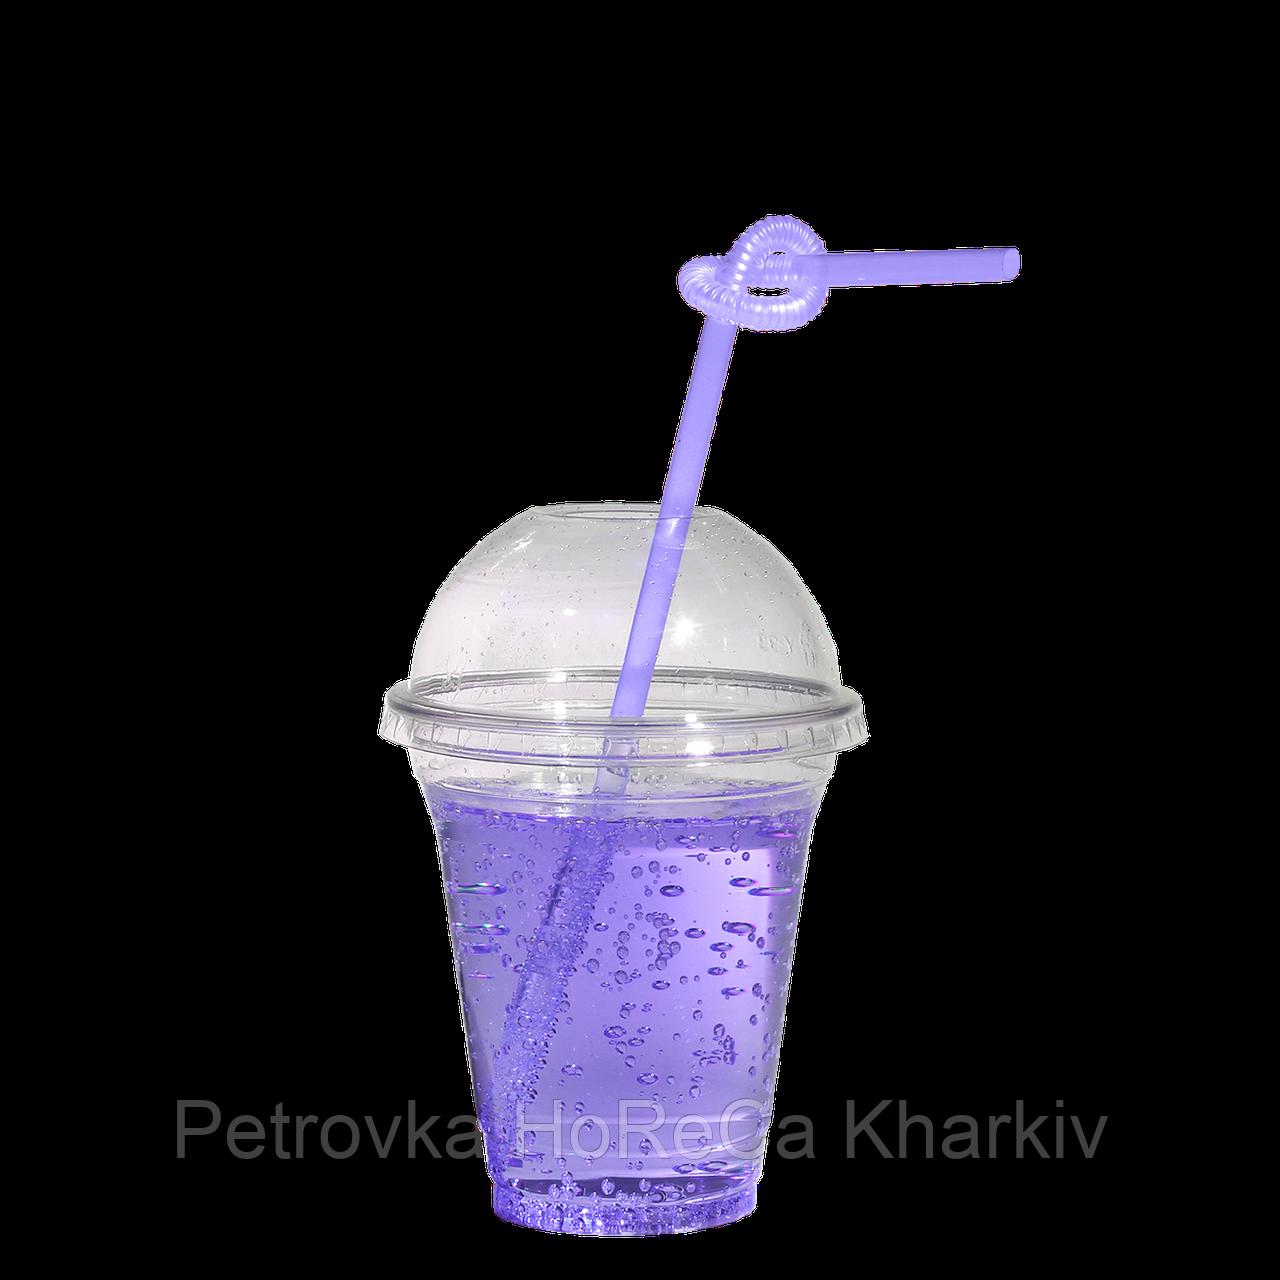 """Пластиковий Стакан під купольну кришку """"ХТМК"""" 200-250мл 75шт"""